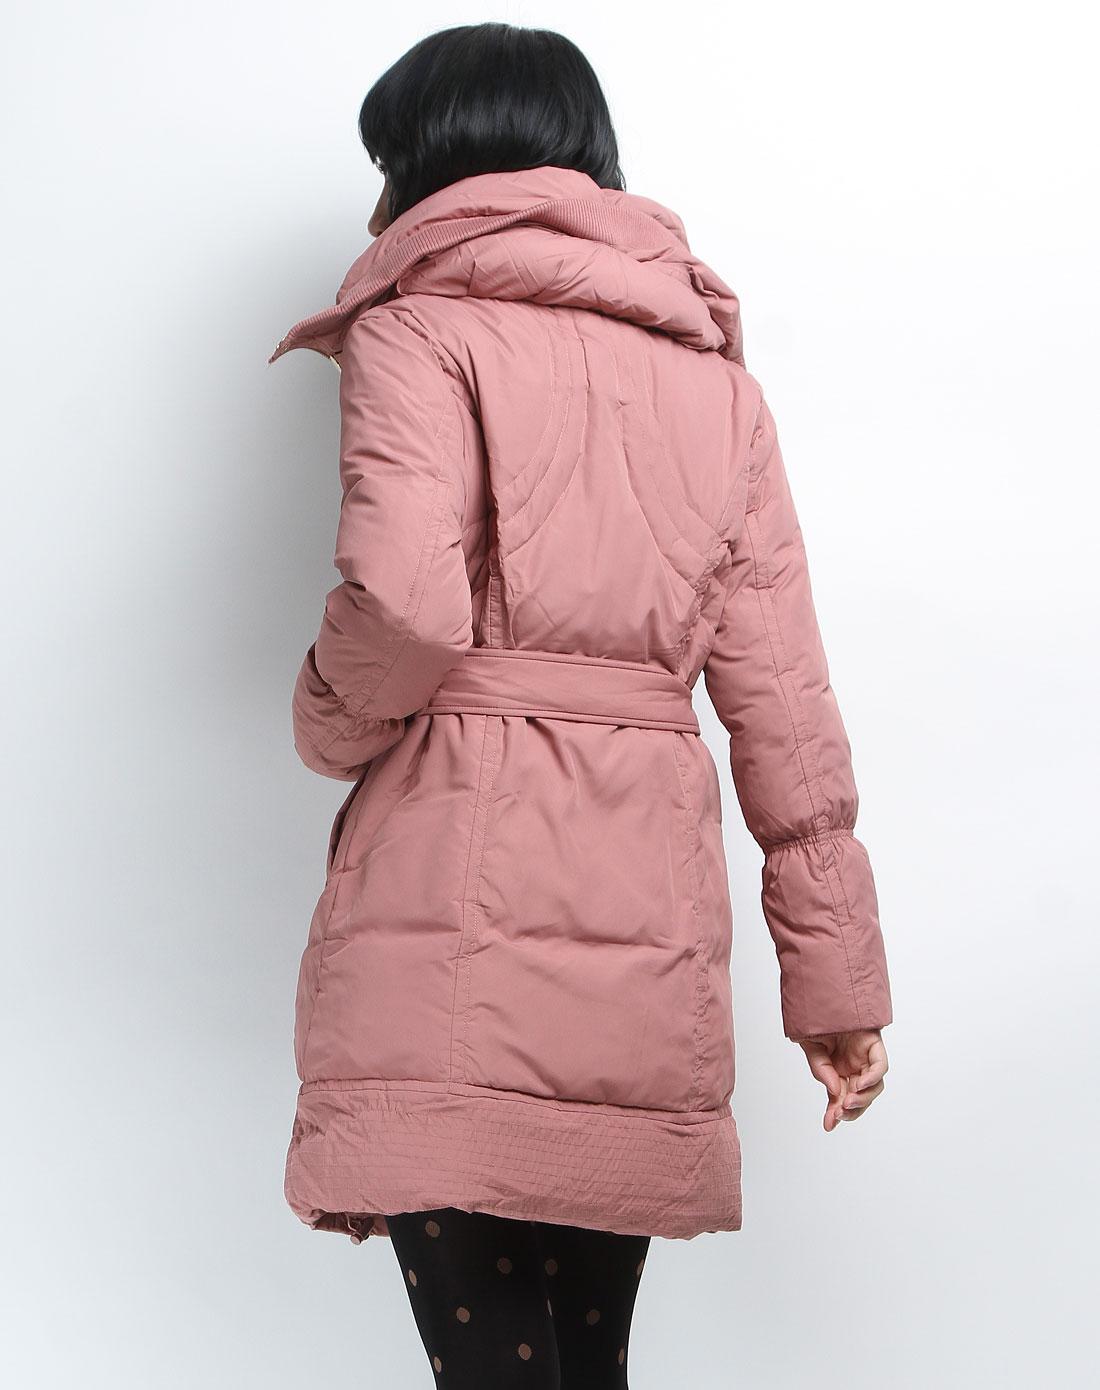 惠粉红_最后约惠-宠爱一家专场森马 暗粉红色时尚长款长袖服